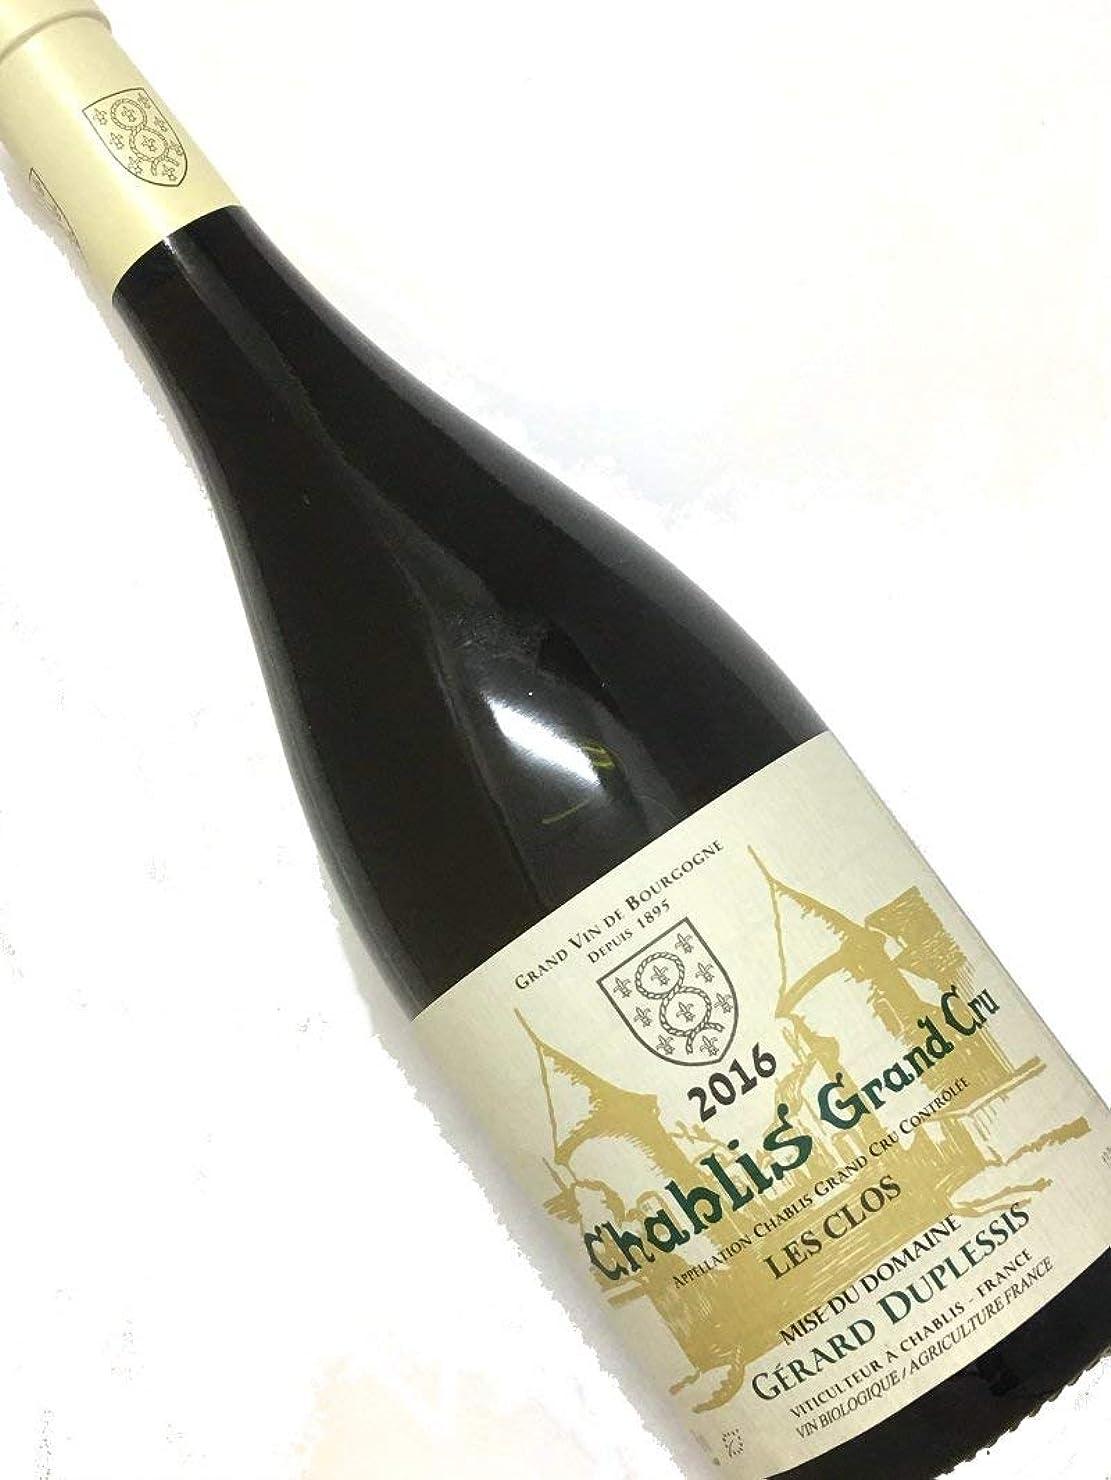 ミュージカル収縮下に2016年 ジェラール デュプレシ シャブリ レ クロ 750ml フランス ブルゴーニュ 白ワイン